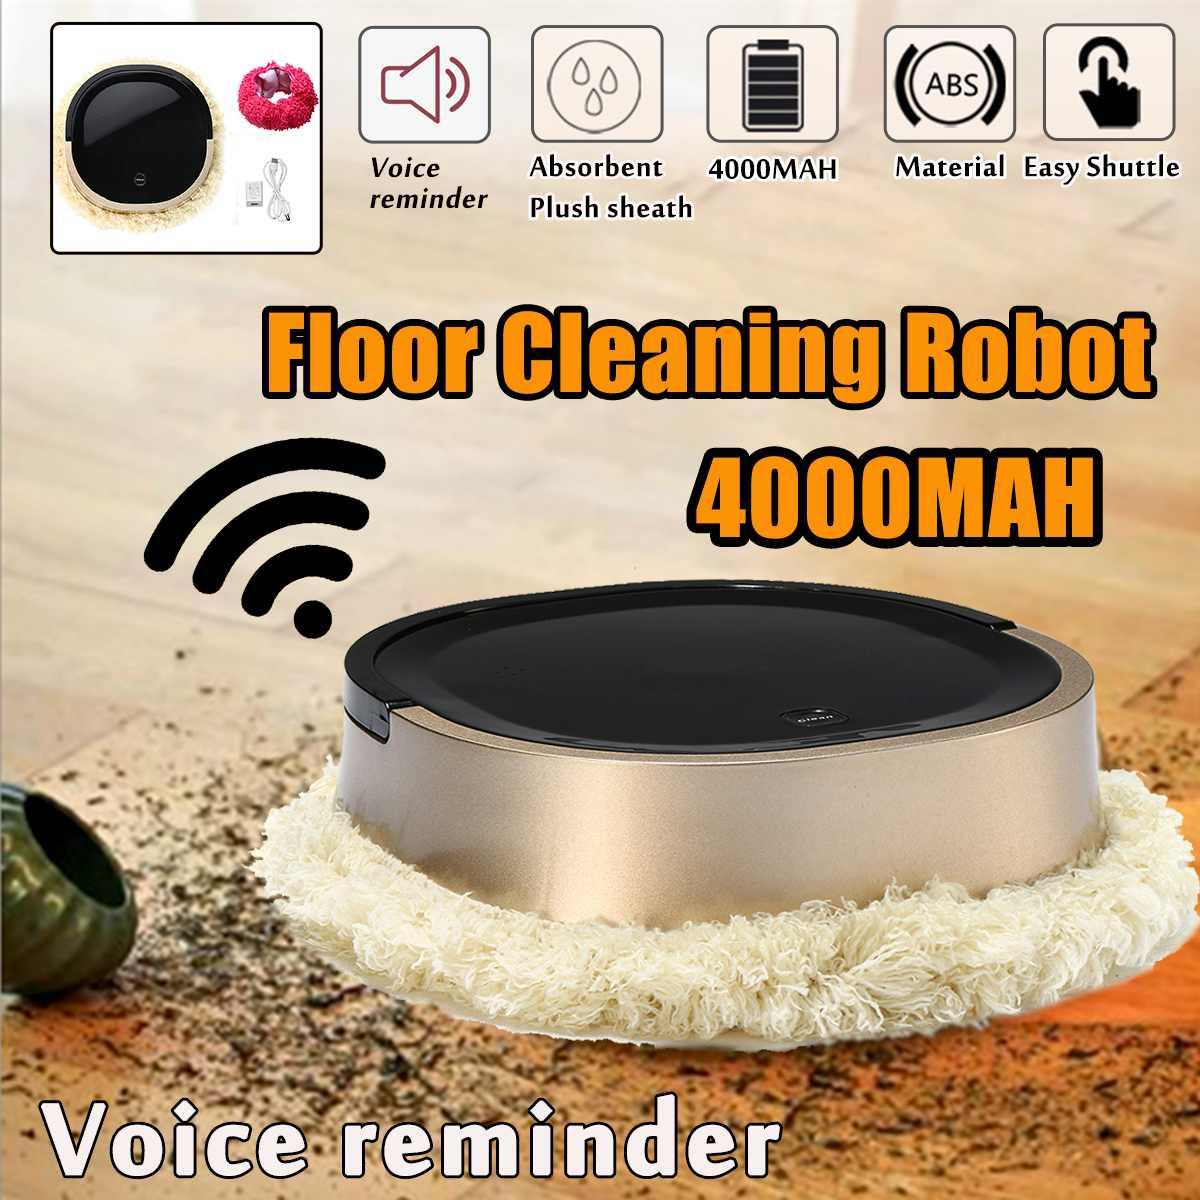 4000MAH Drahtlose Haushalts Intelligente Automatische Haushalts Wischen Maschine Boden Reinigung Roboter Smart Roboter Vakuum Reiniger Hause